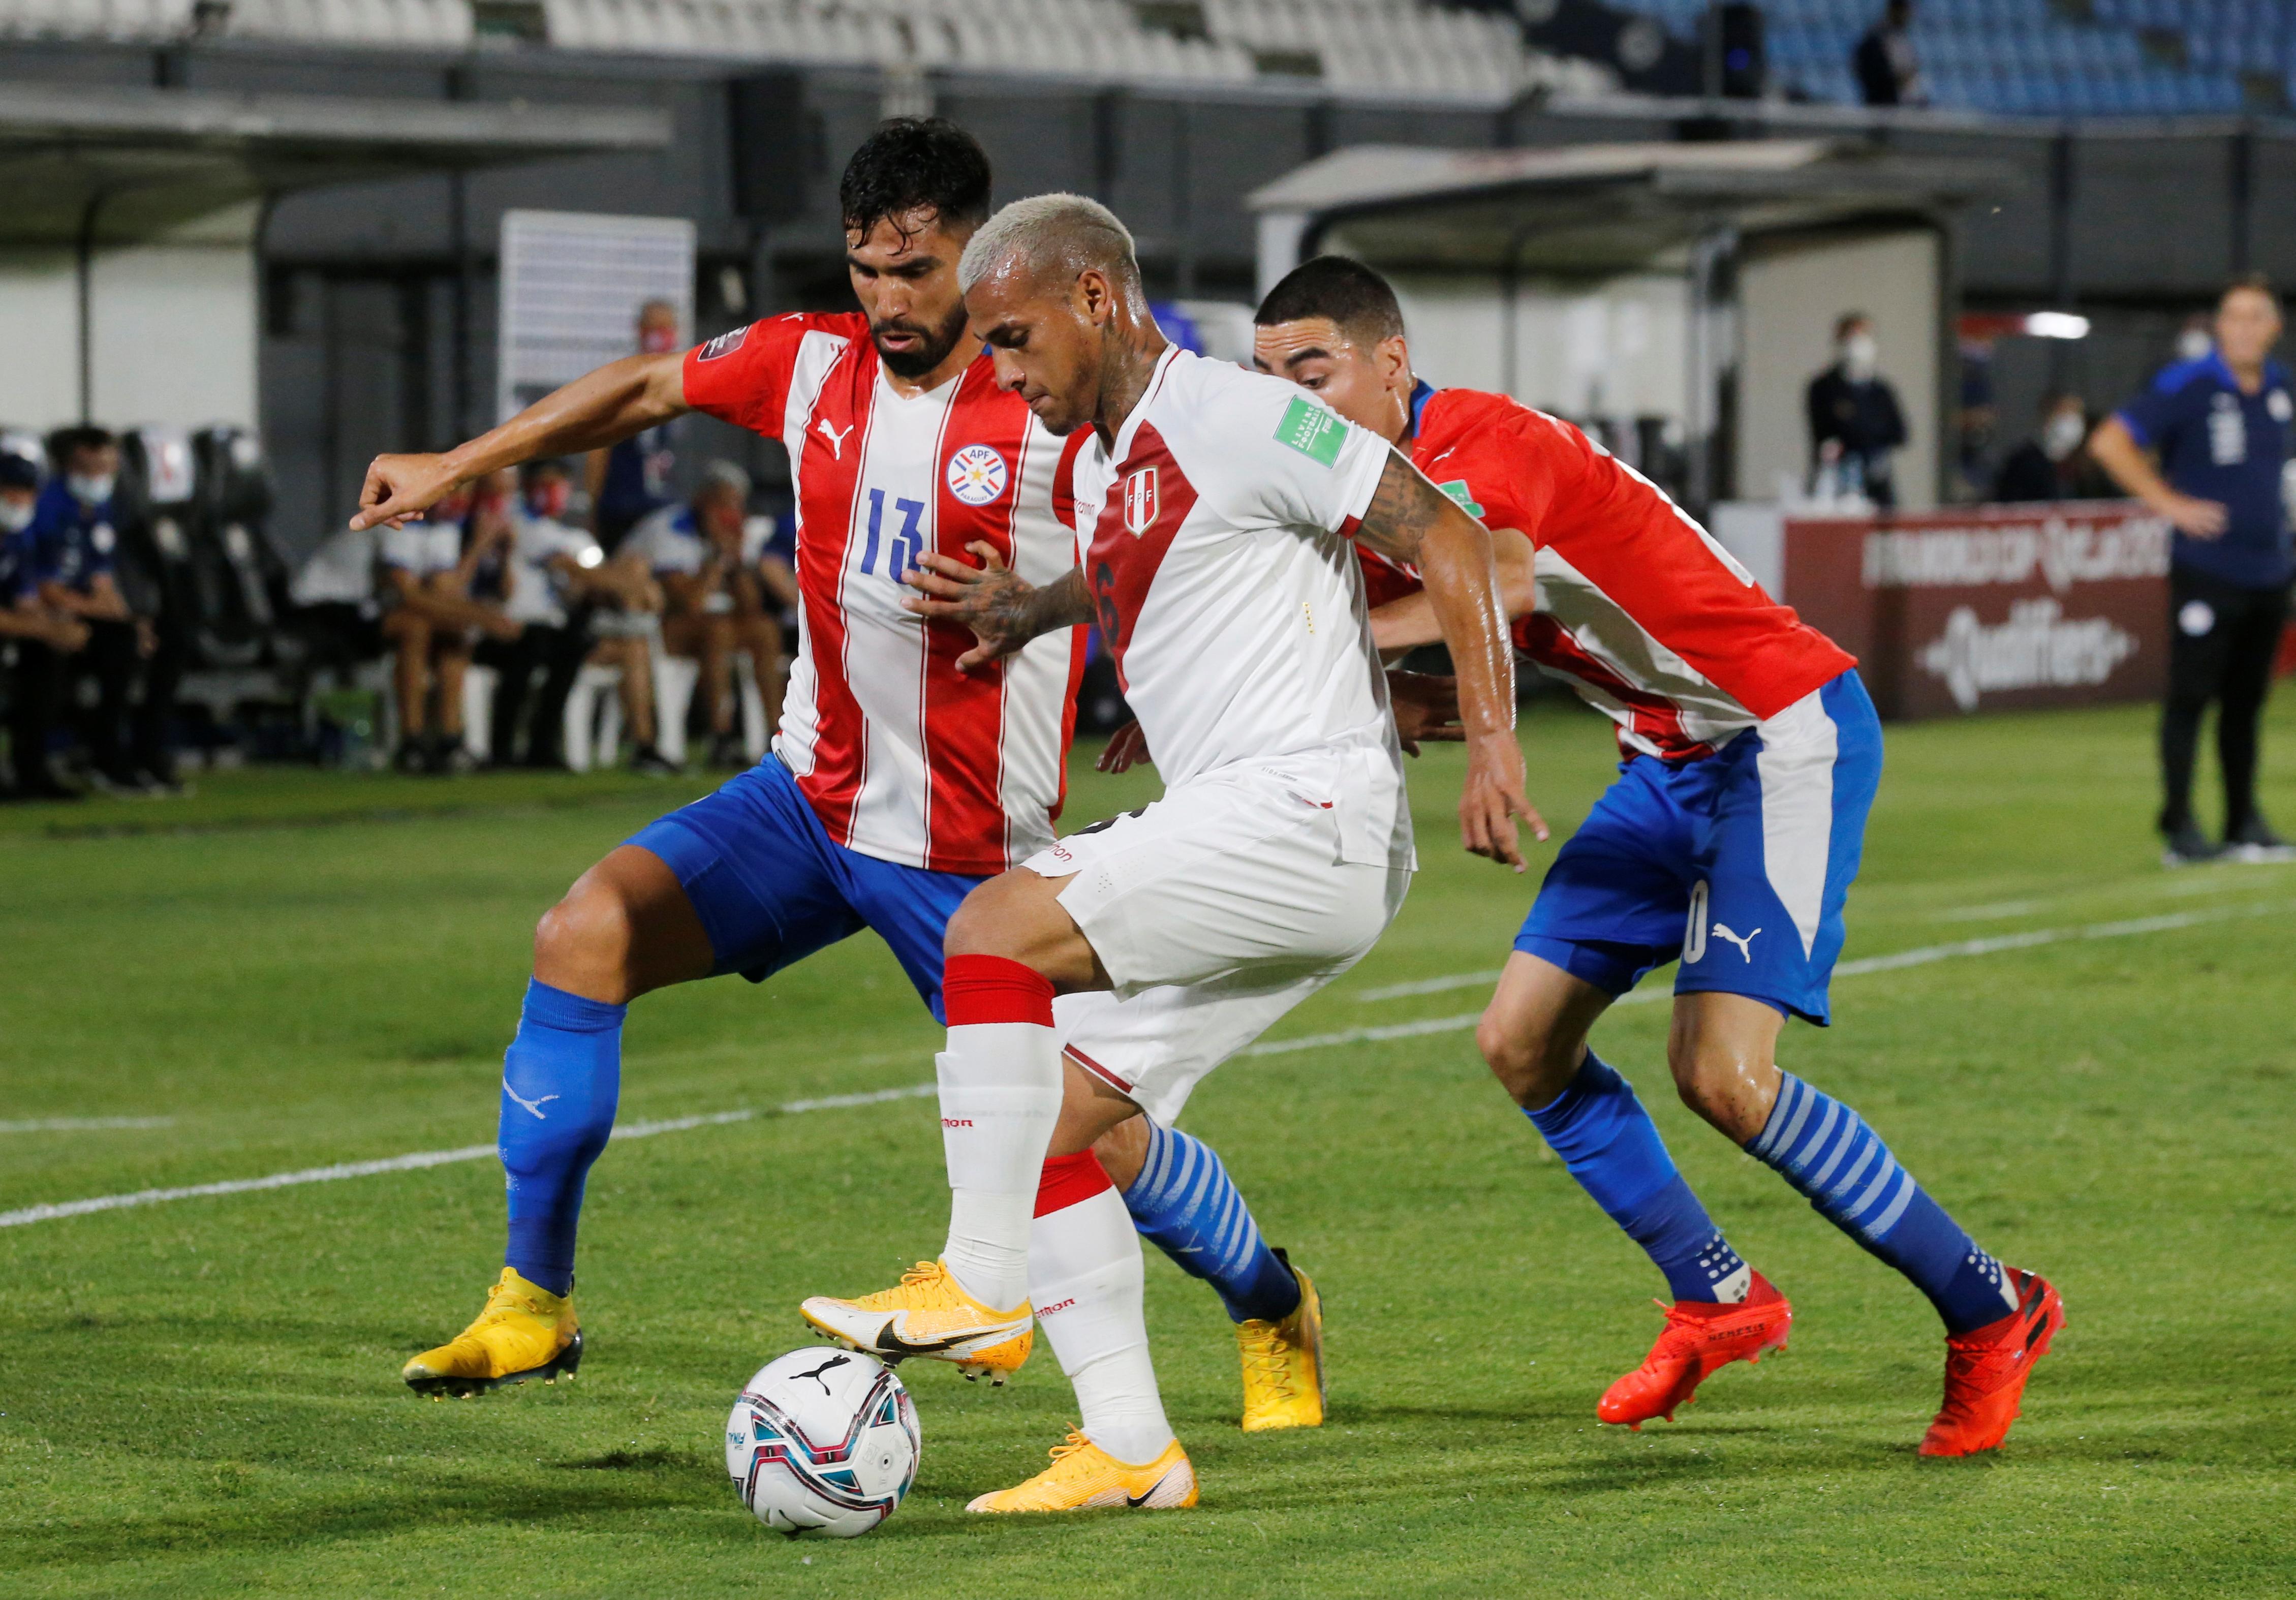 En Un Partidazo Paraguay Y Peru Empataron 2 2 En El Comienzo De Las Eliminatorias Rumbo A Qatar 2022 Infobae